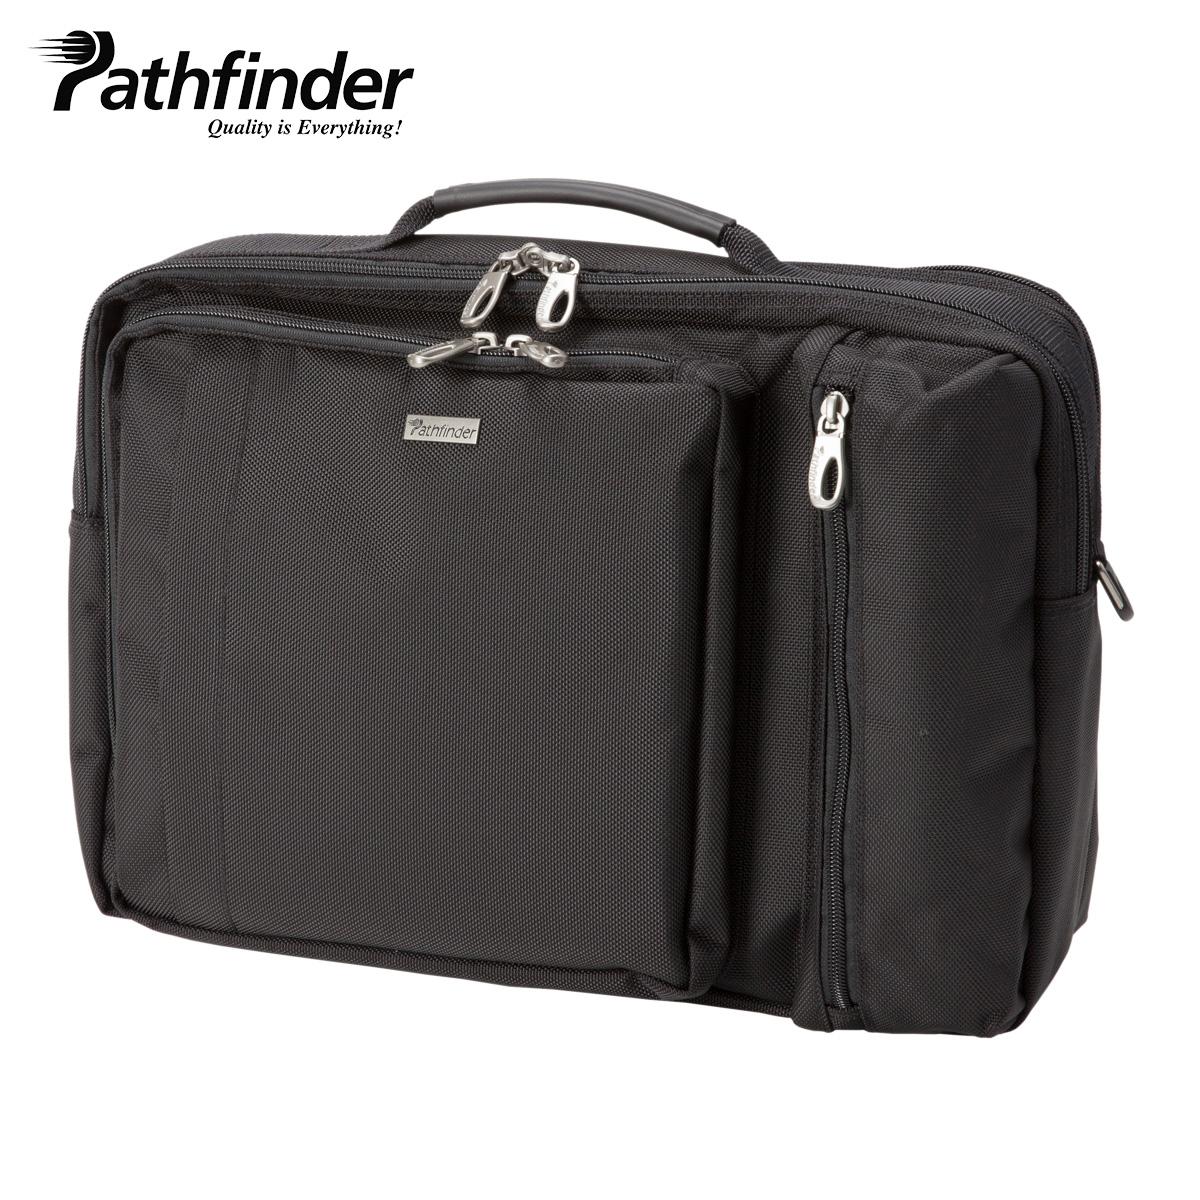 Pathfinder パスファインダー バッグ ビジネスバッグ リュック ブリーフケース ショルダー メンズ 3WAY AVENGER ブラック 黒 PF1805B